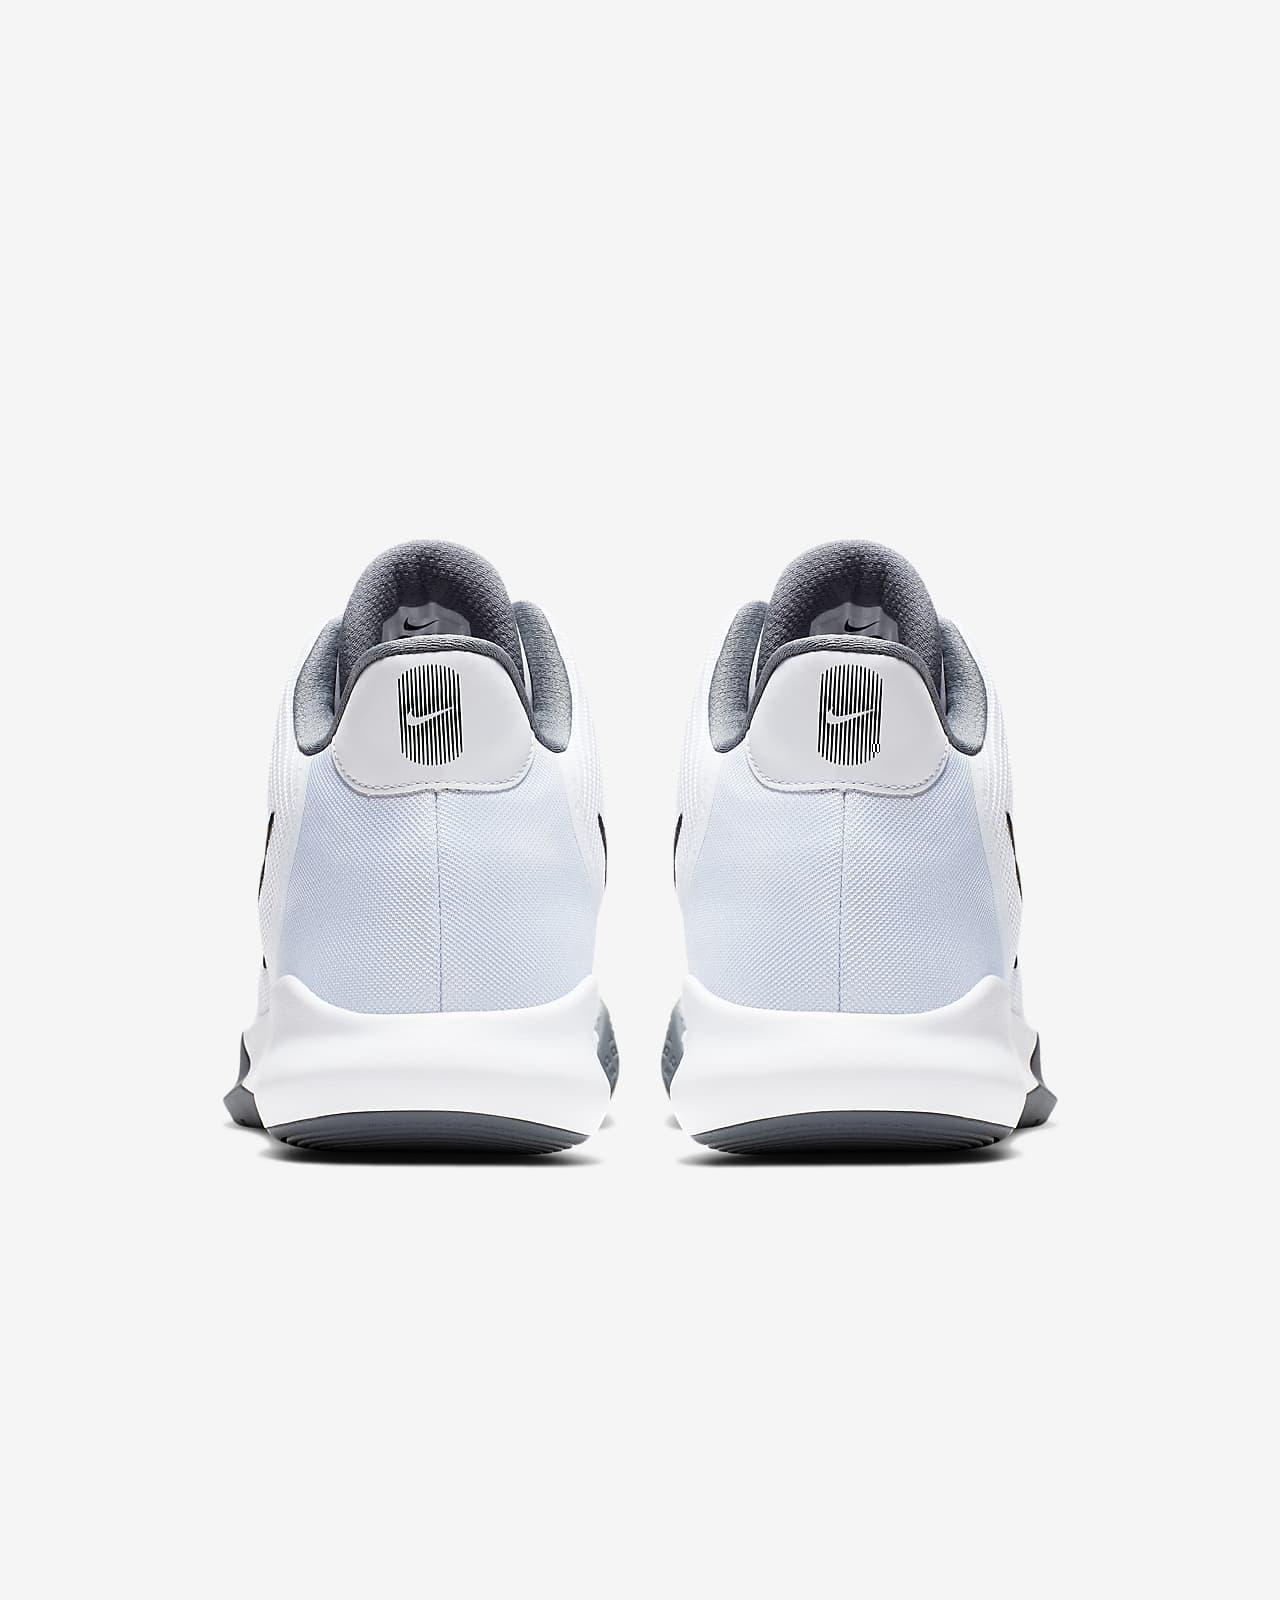 nike precision iii zapatos de baloncesto